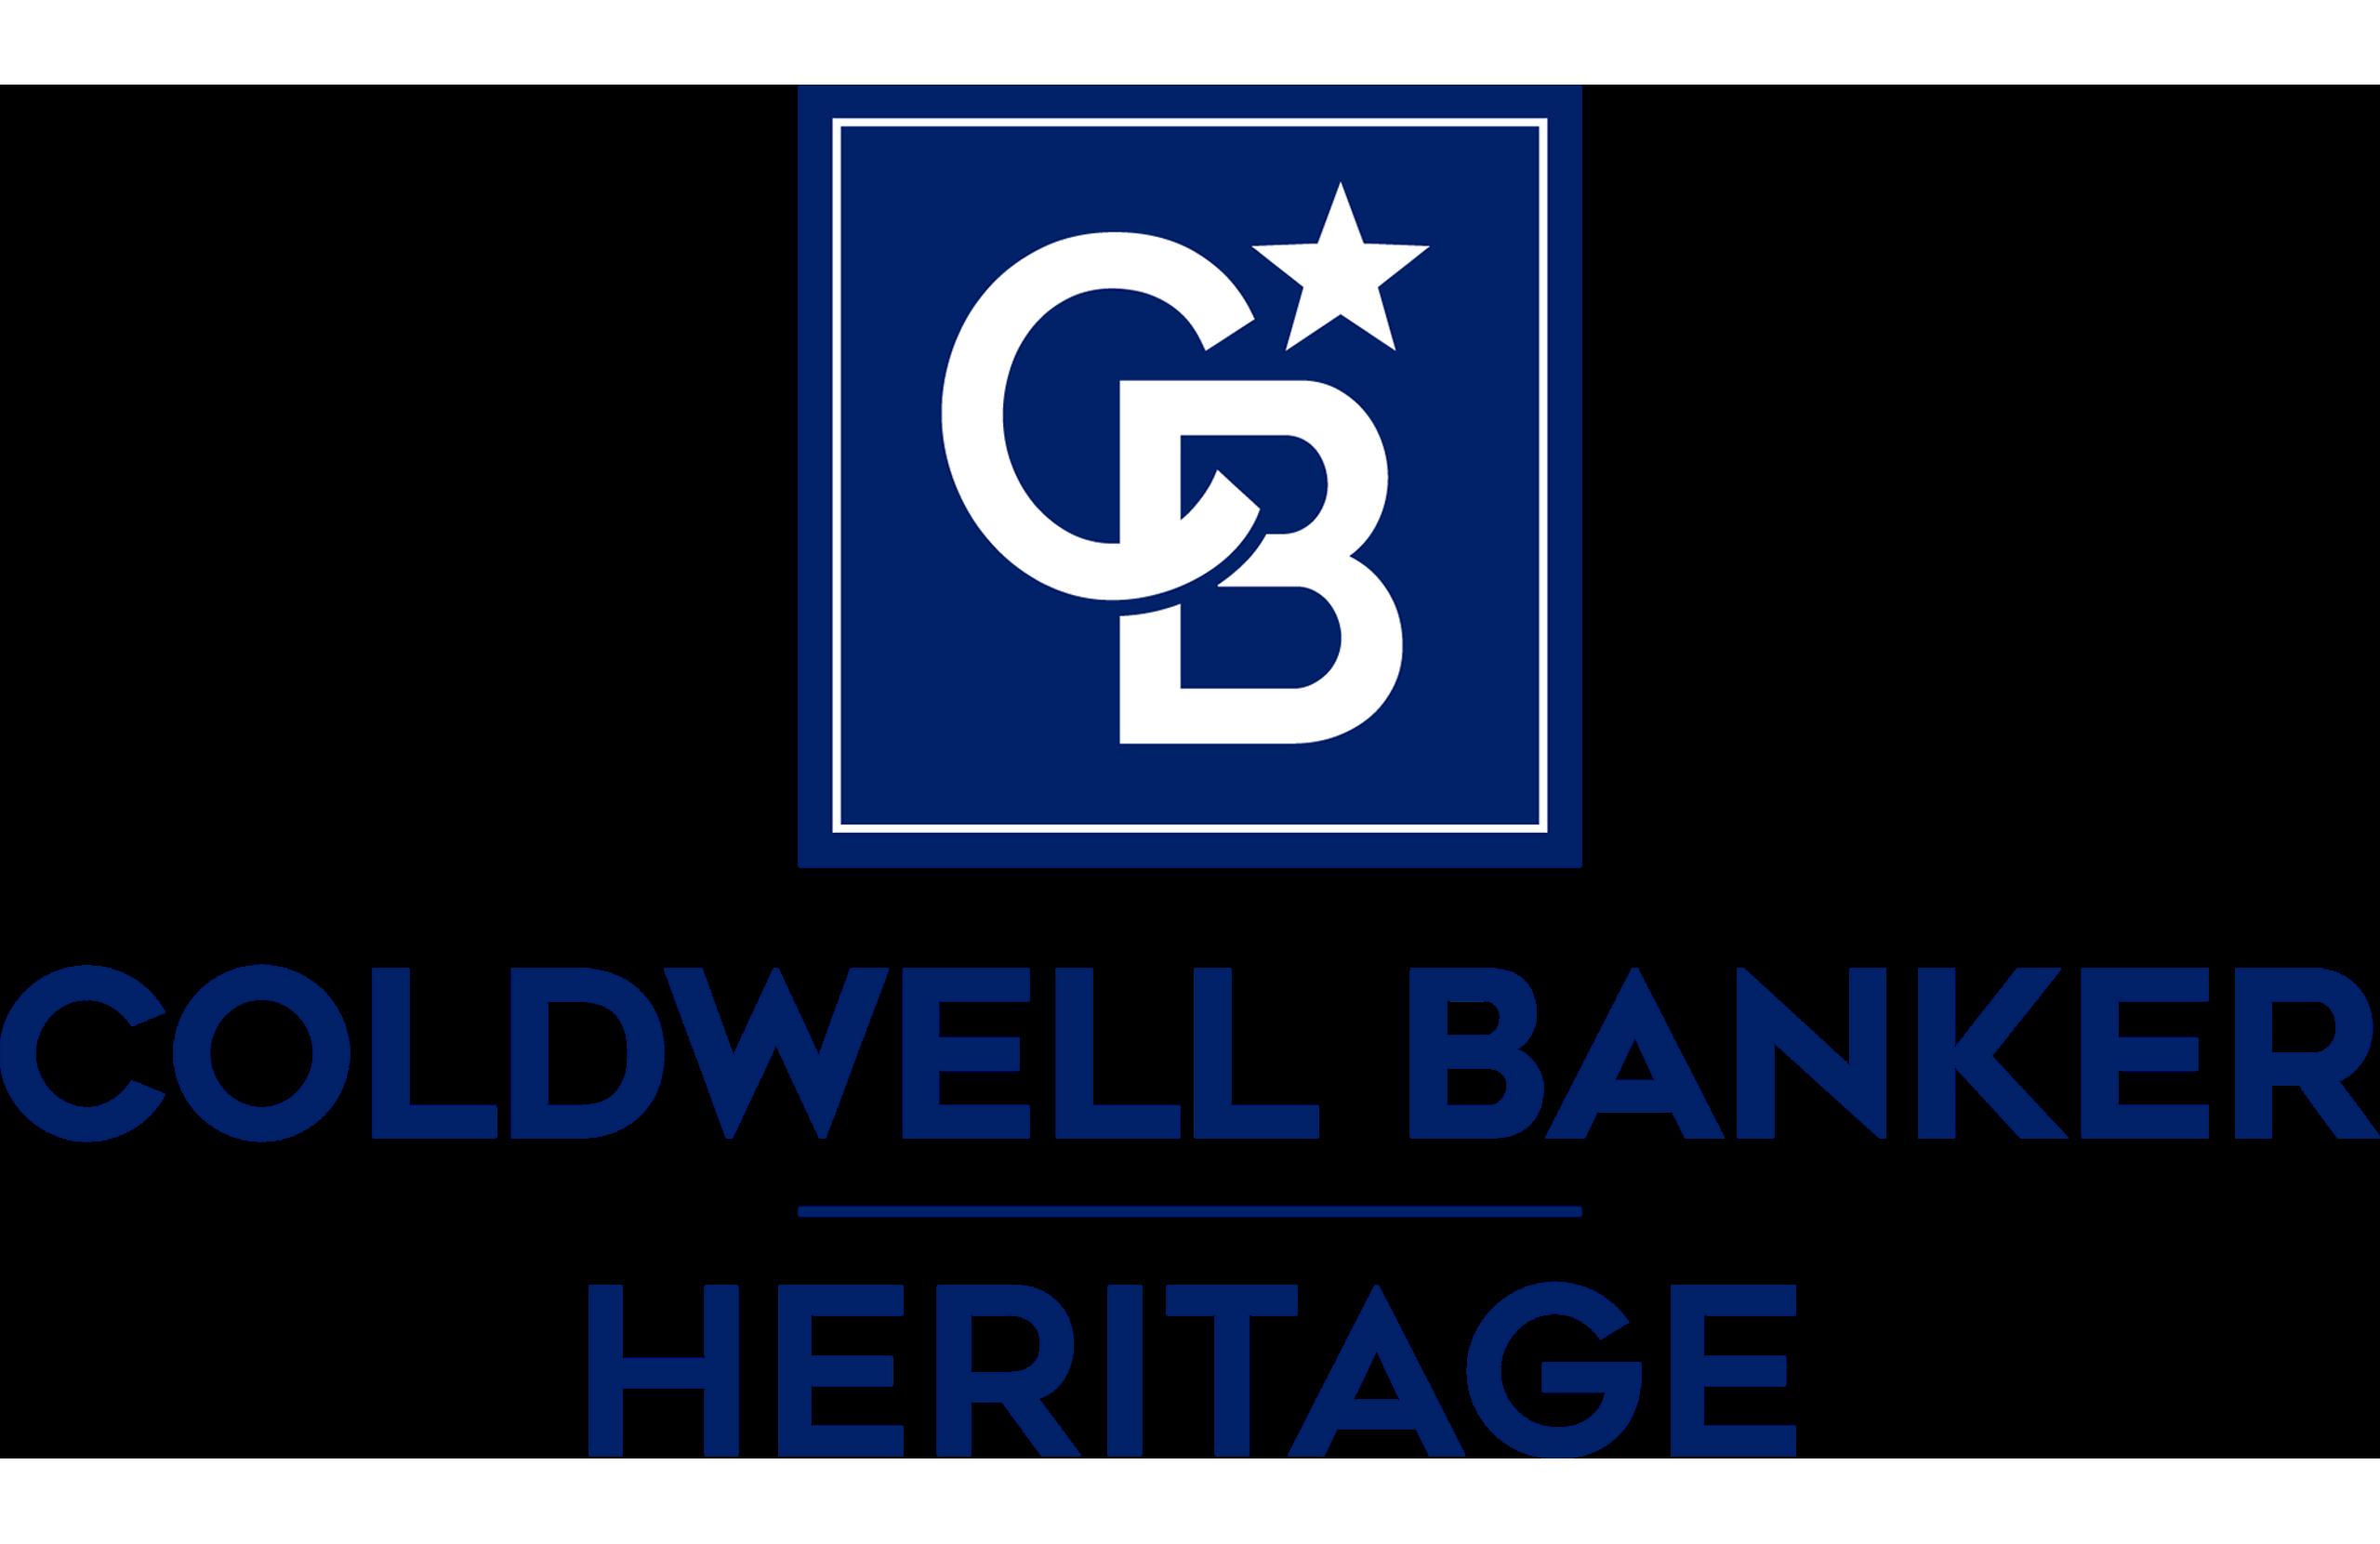 Debbie Weckstein Frank - Coldwell Banker Heritage Logo